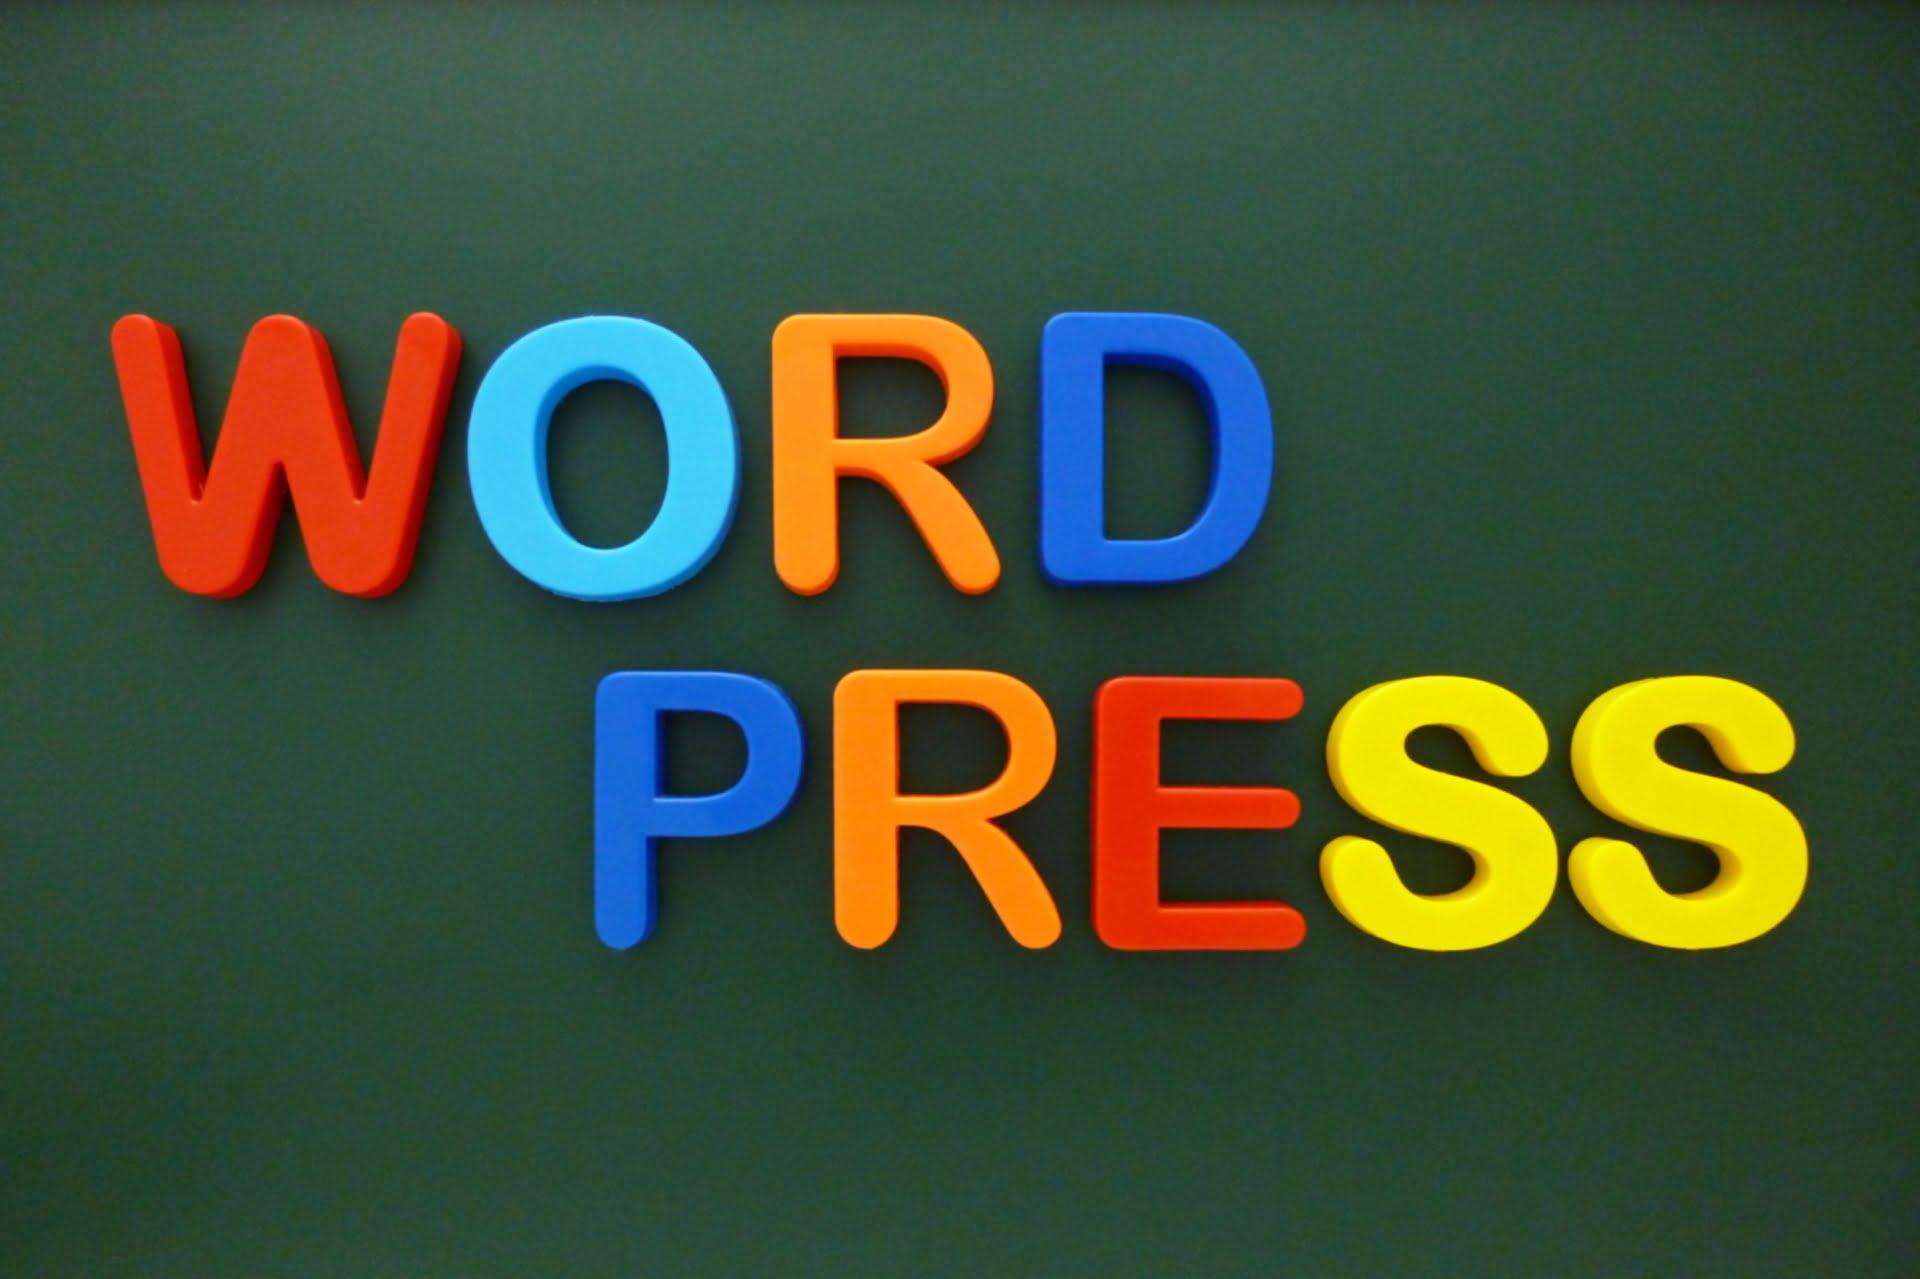 WordPressのトラブル事例と対処法